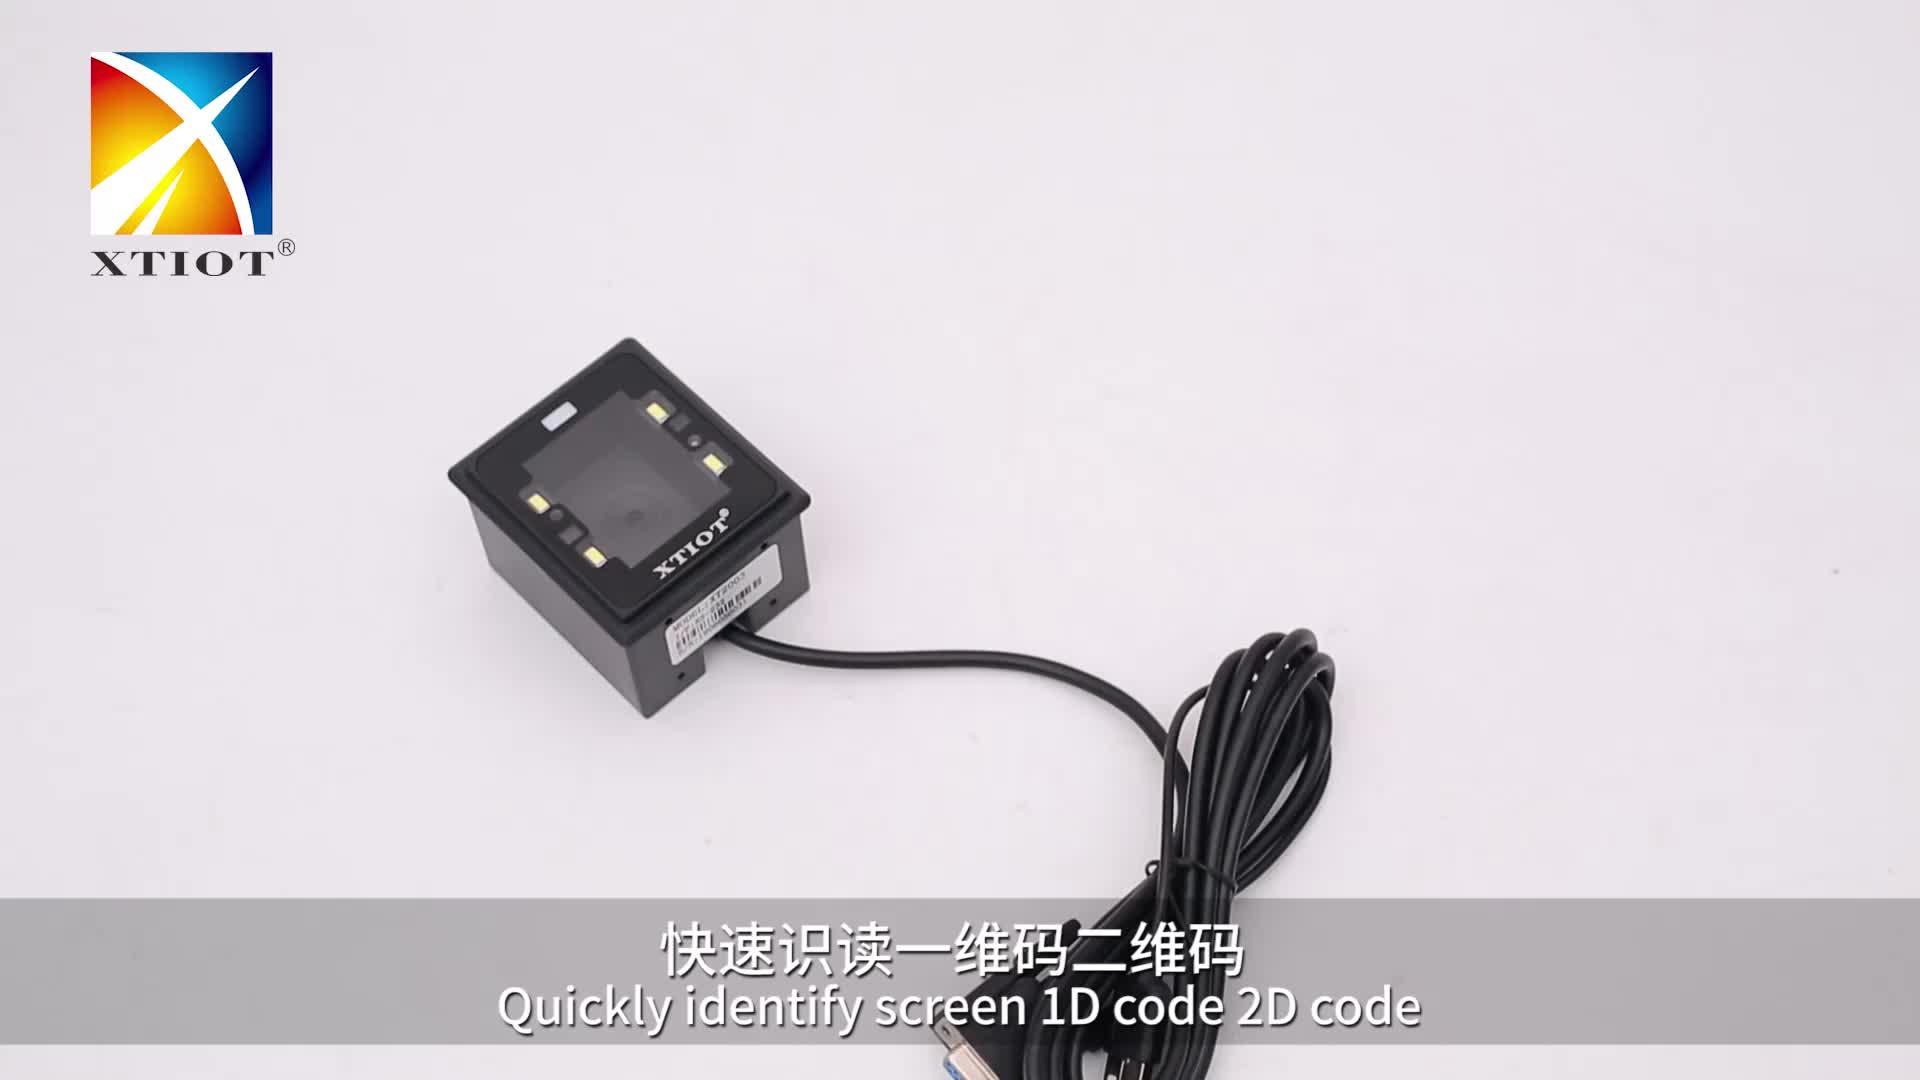 Xitot-Scanner de codes-barres, portatif, à montage fixe, 1D, 2D, scanneur de codes à barres et QR, pour verrouillage de porte, système de contrôle d'accès, XT2011